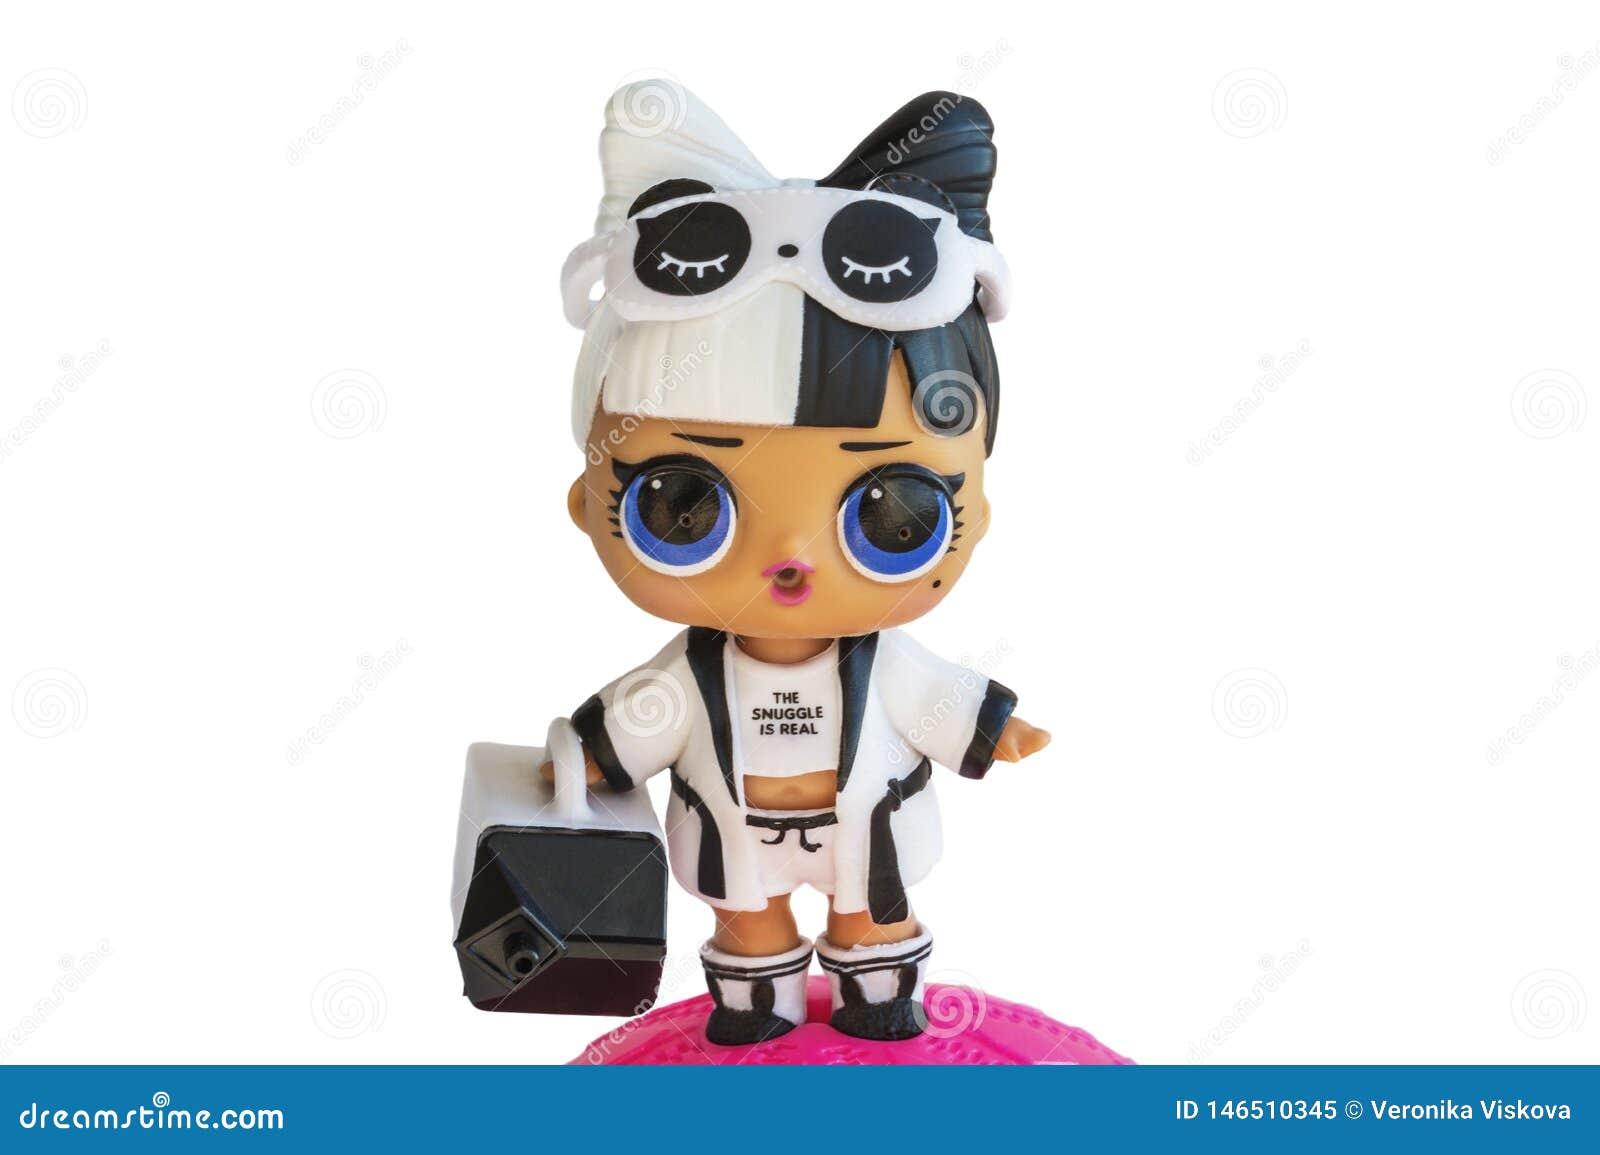 Россия, Severodvinsk, 04 20 2019 Милый маленький l O L Кукла сюрприза с аксессуарами Ее имя малыш Snuggle o